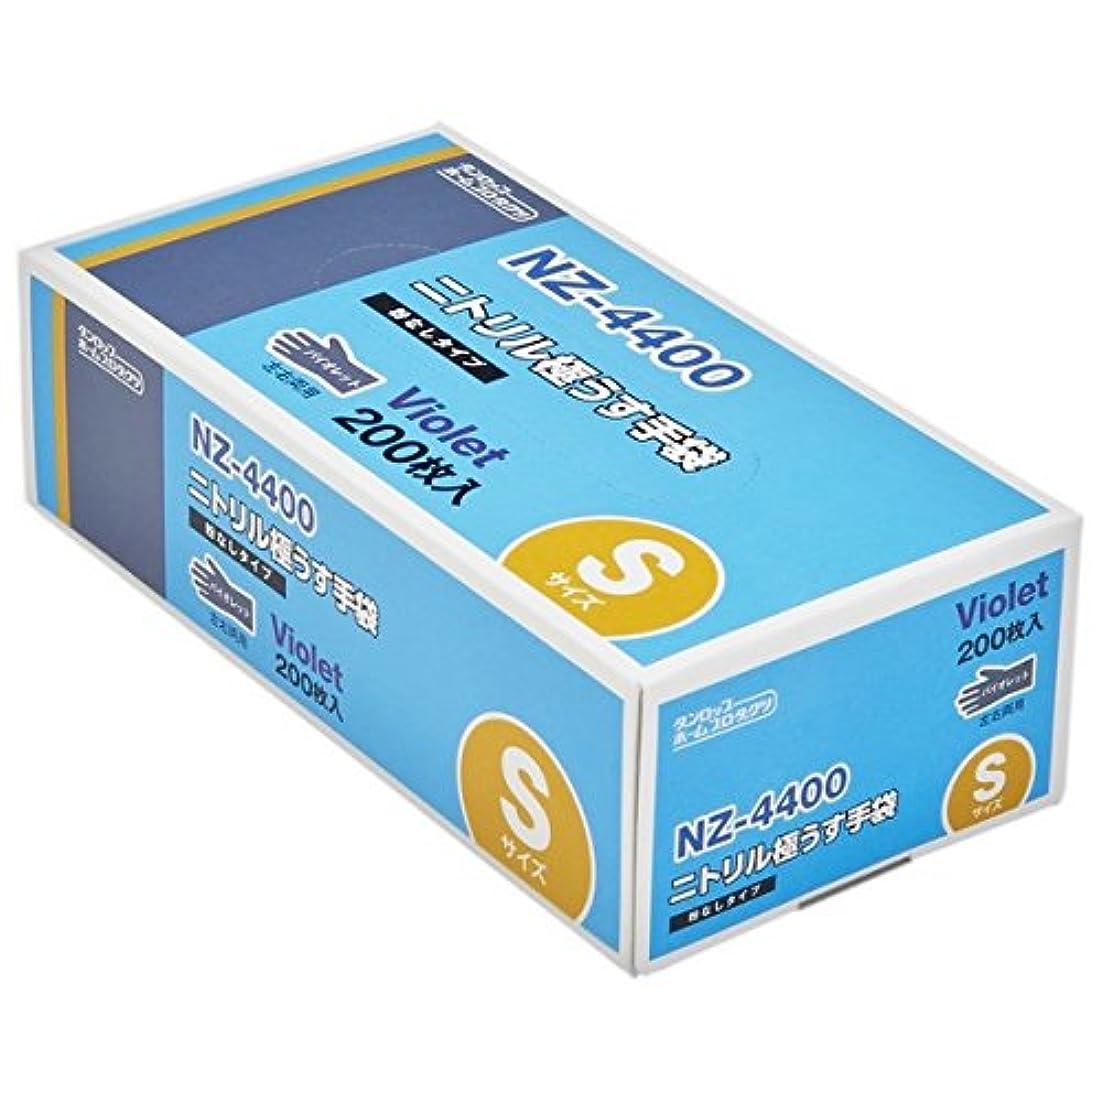 レシピ愛考えダンロップ ニトリル極うす手袋 NZ-4400 バイオレット 粉なし Sサイズ 200枚入